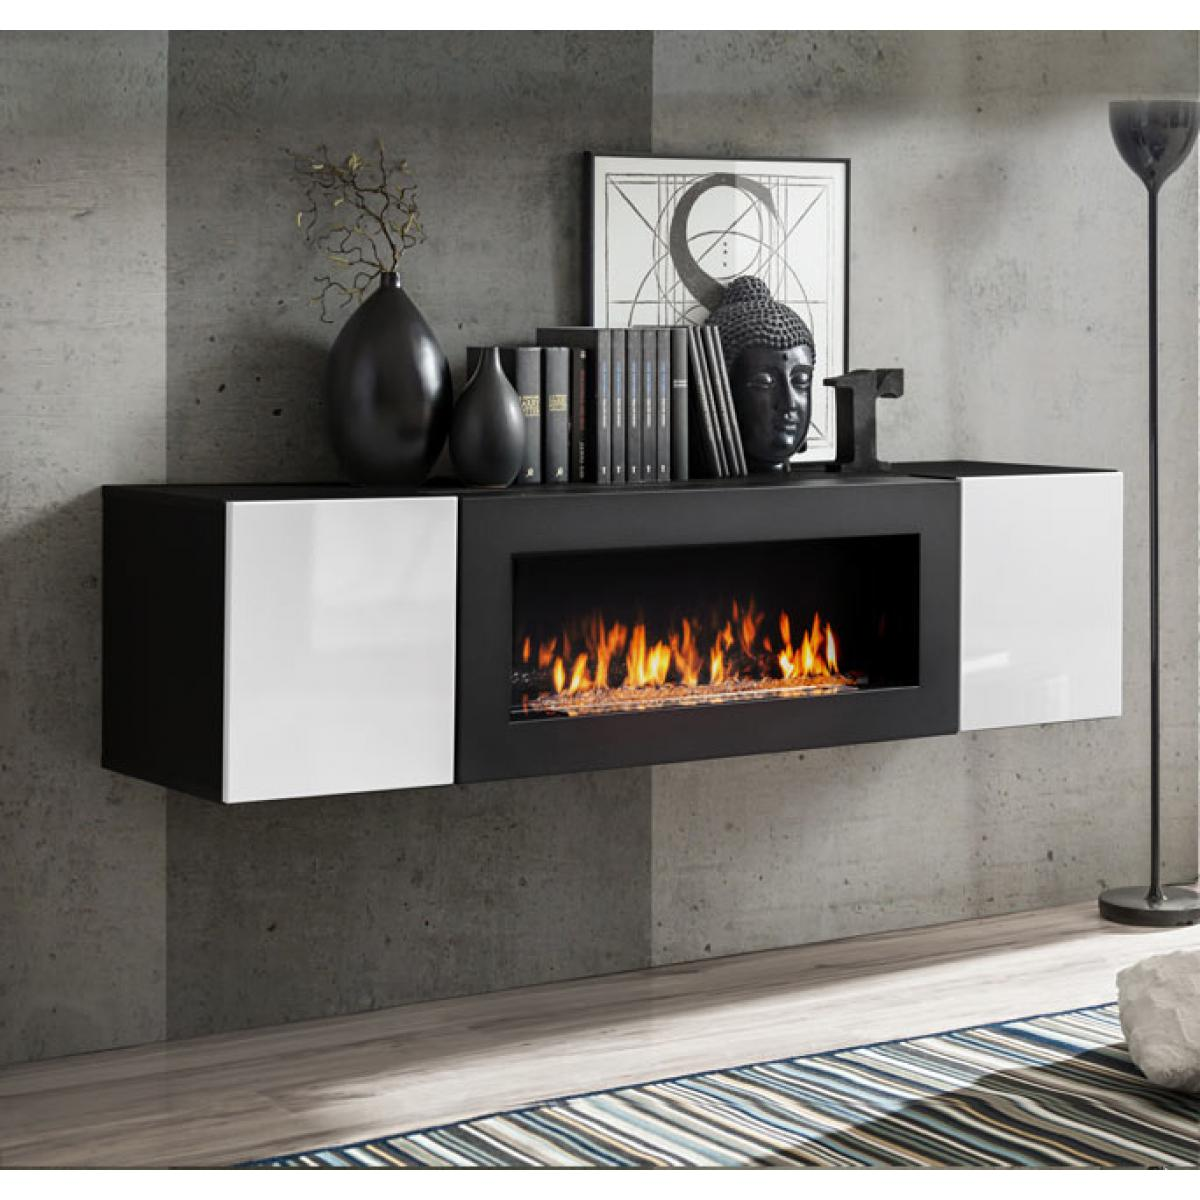 Design Ameublement Armoire mural avec cheminée modèle Erica lumbre (160x40cm) noir et blanc